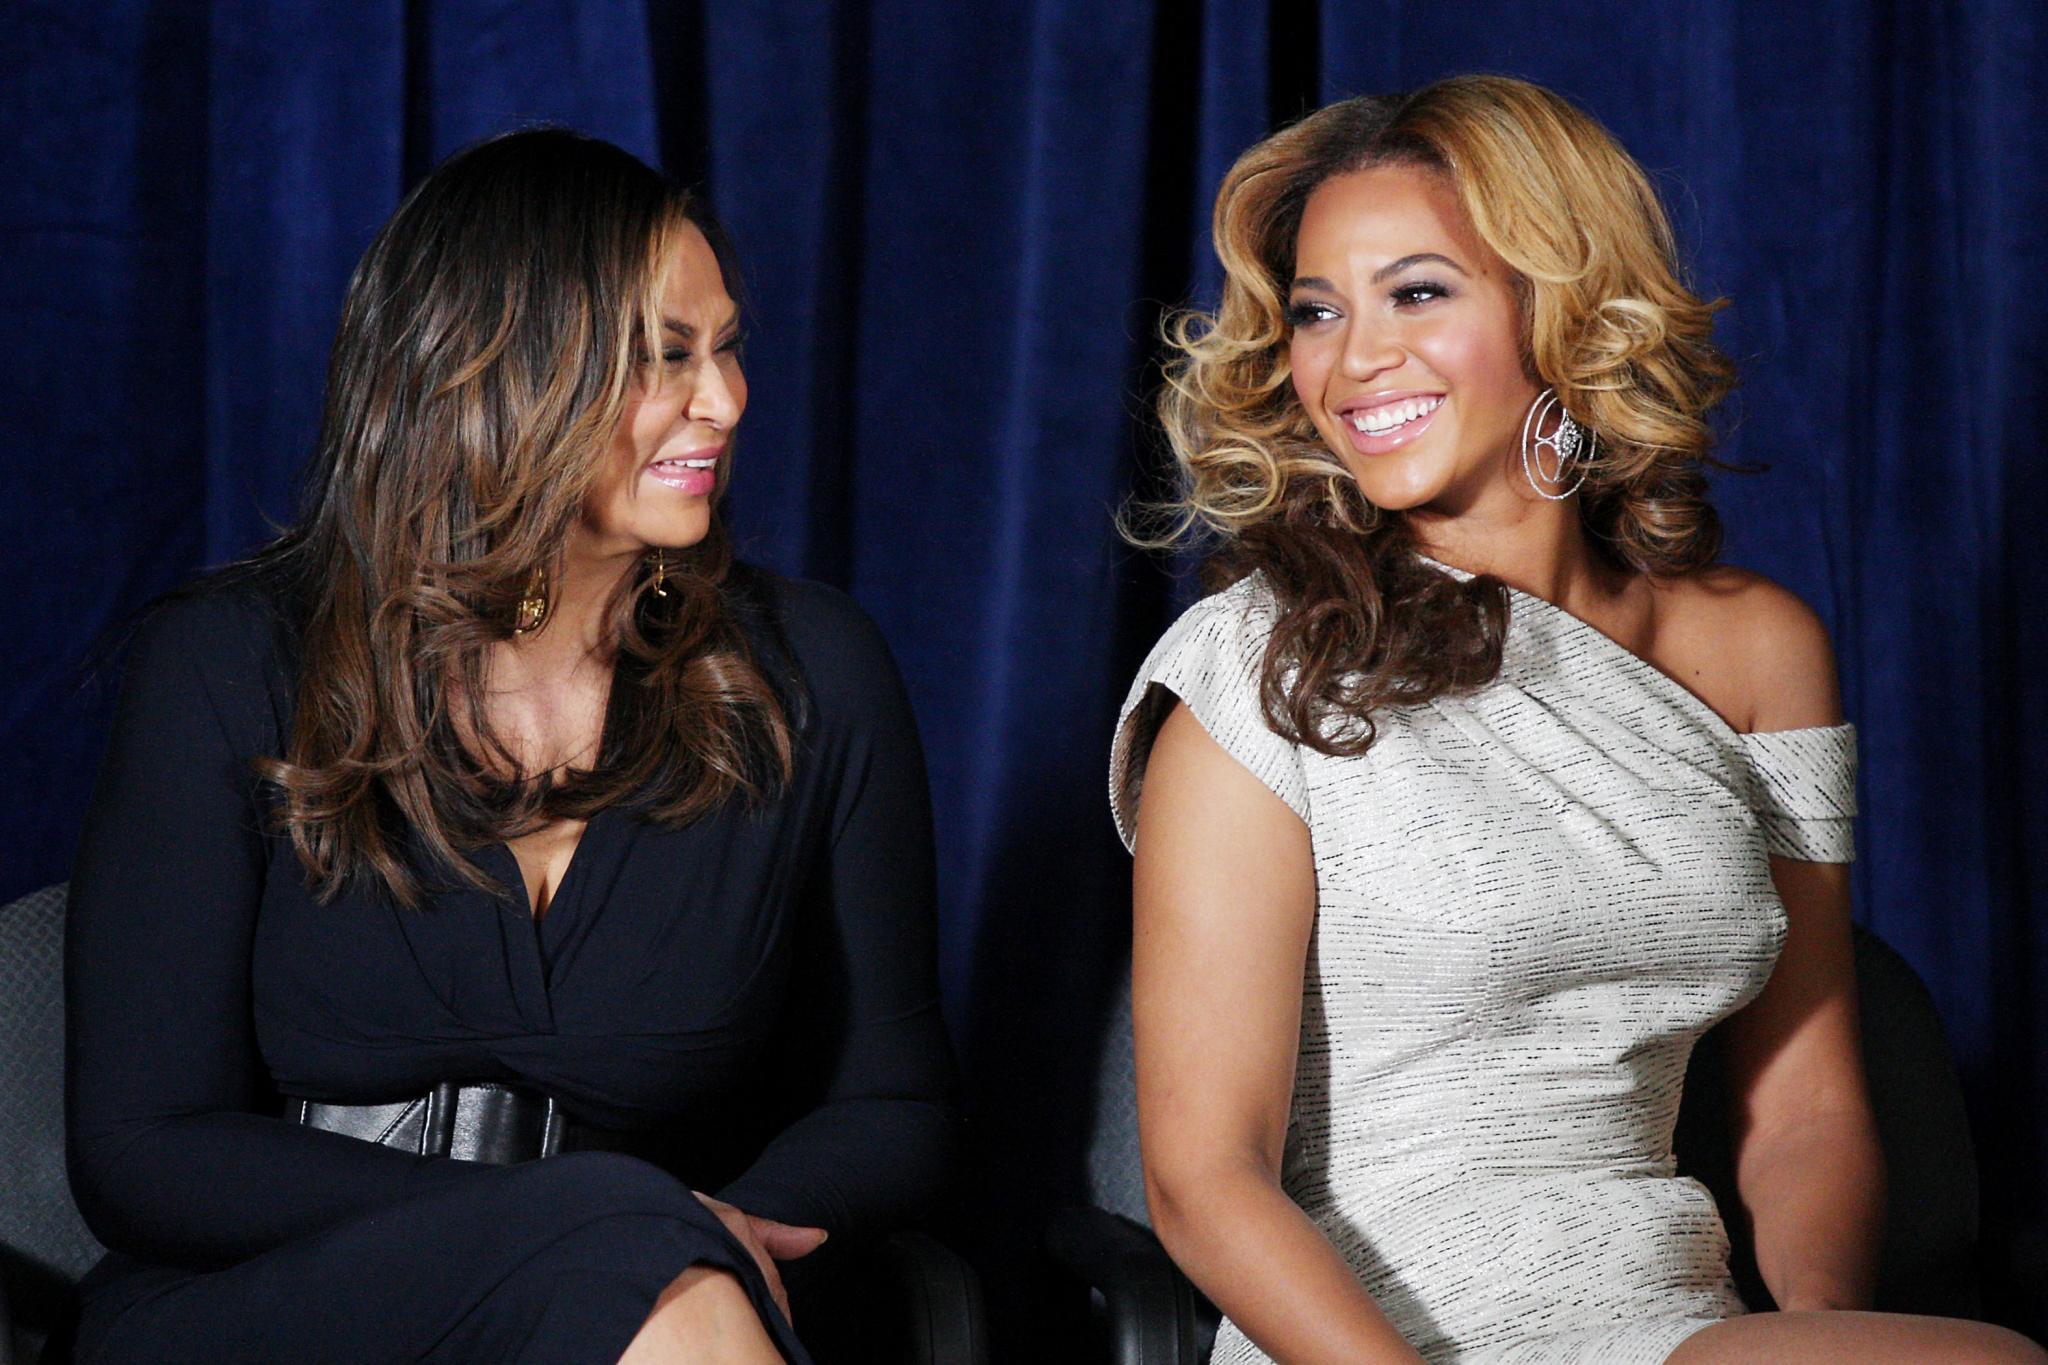 Tina Knowles nähte schon die knappen Kostüme für Beyoncés Band Destiny's Child. Mittlerweile ist sie die Fashion-Beraterin ihrer Tochter.